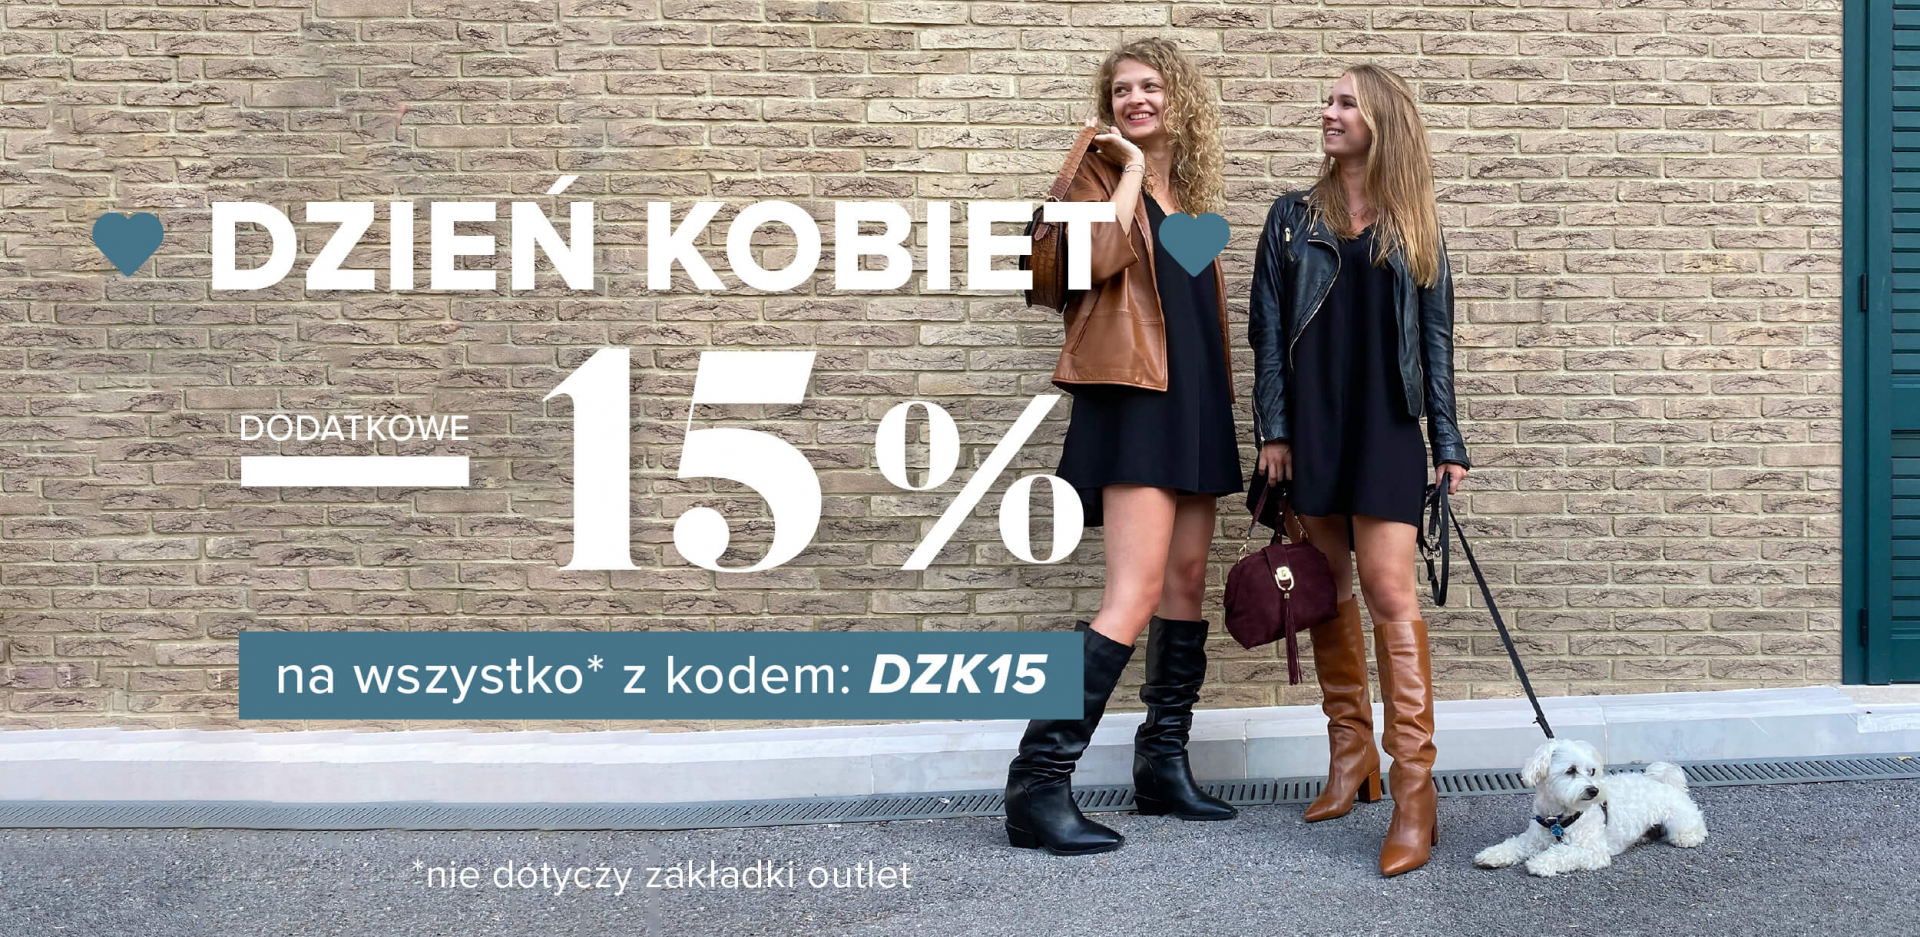 Primamoda Primamoda: 15% zniżki na buty, torebki, galanterię skórzaną - promocja na Dzień Kobiet